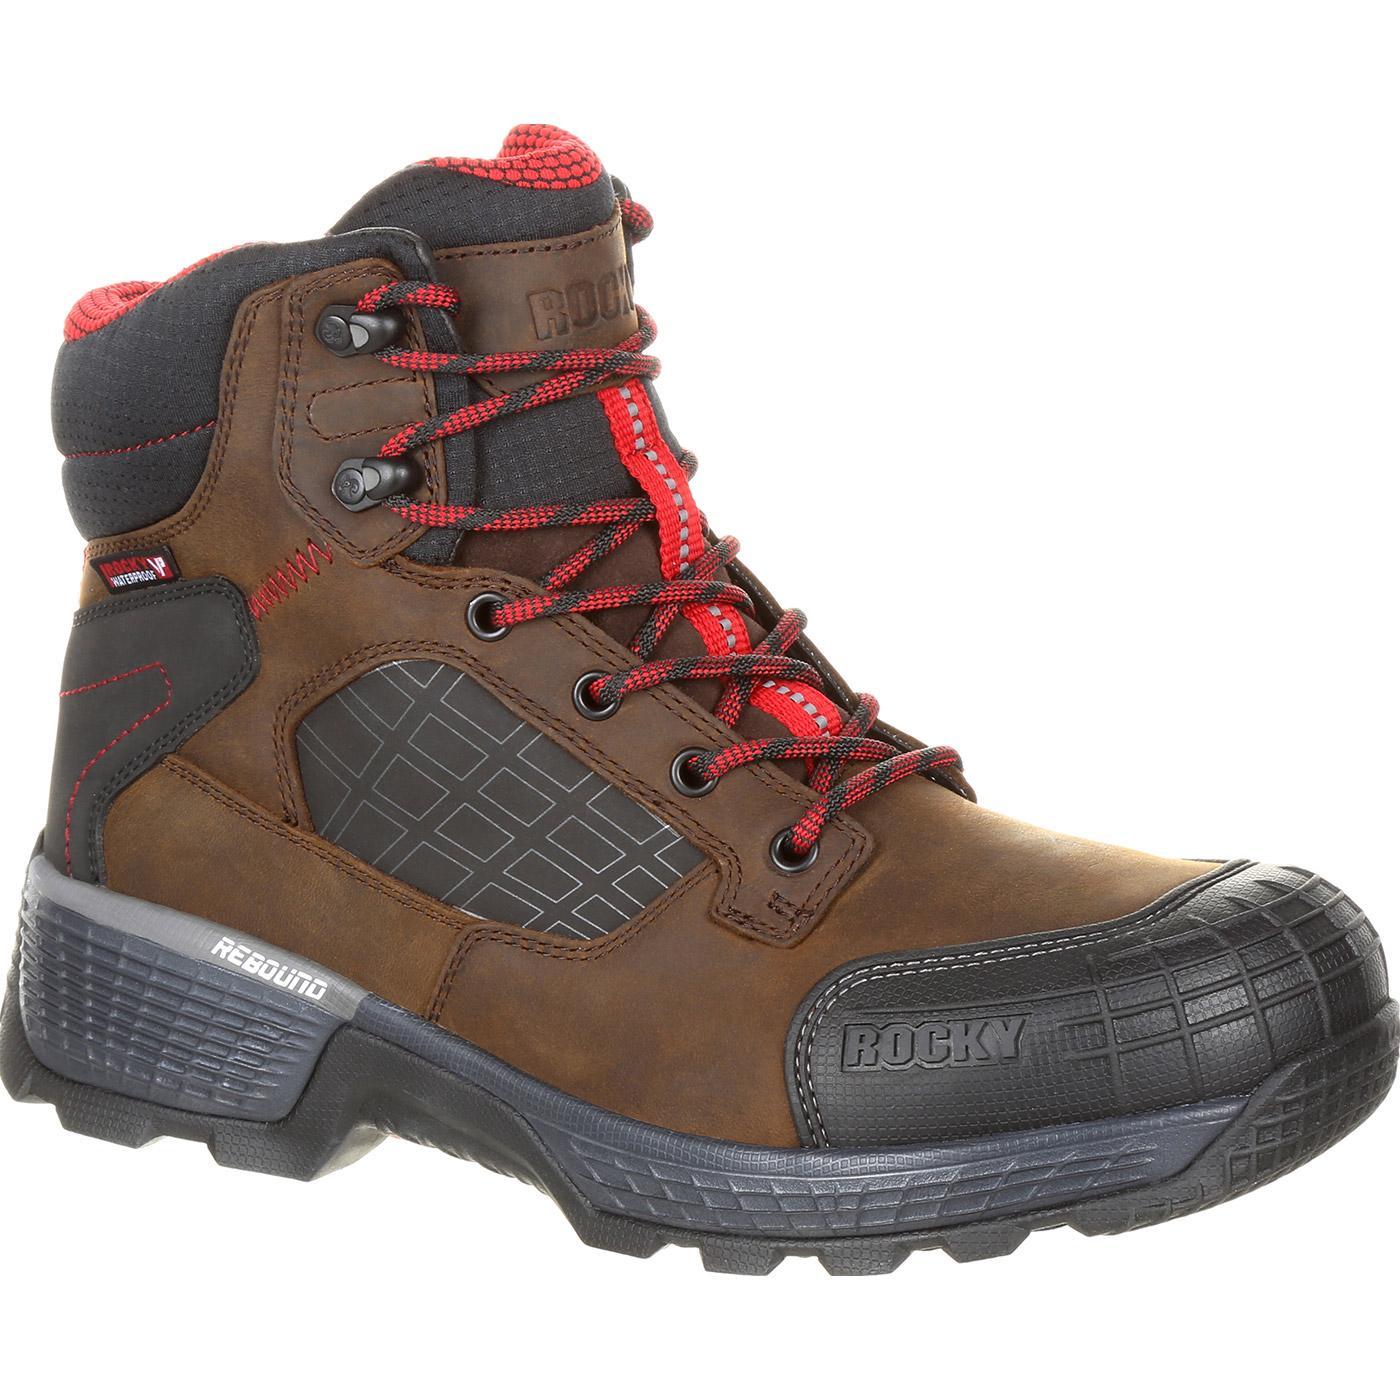 Rocky Treadflex Men S Composite Toe Waterproof Work Boots